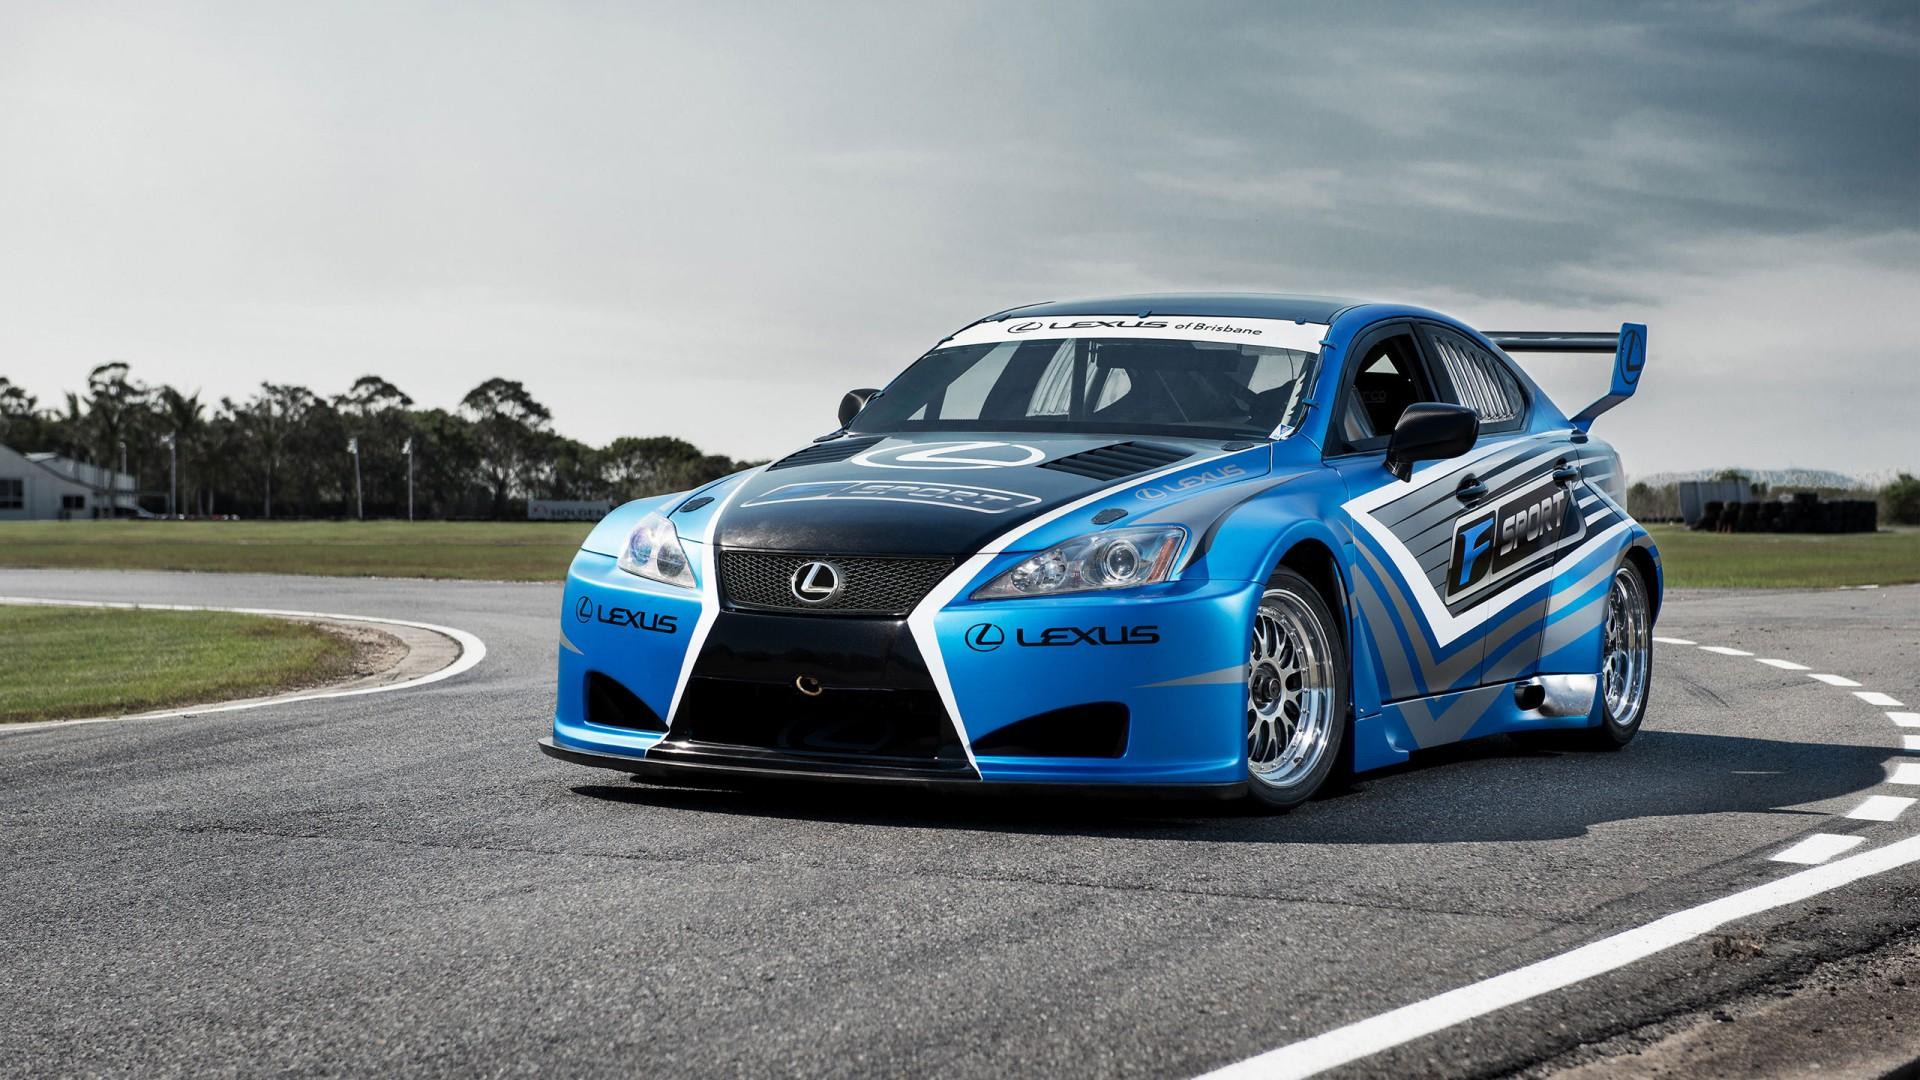 Lexus Is F F8 International Series Wallpaper Hd Car